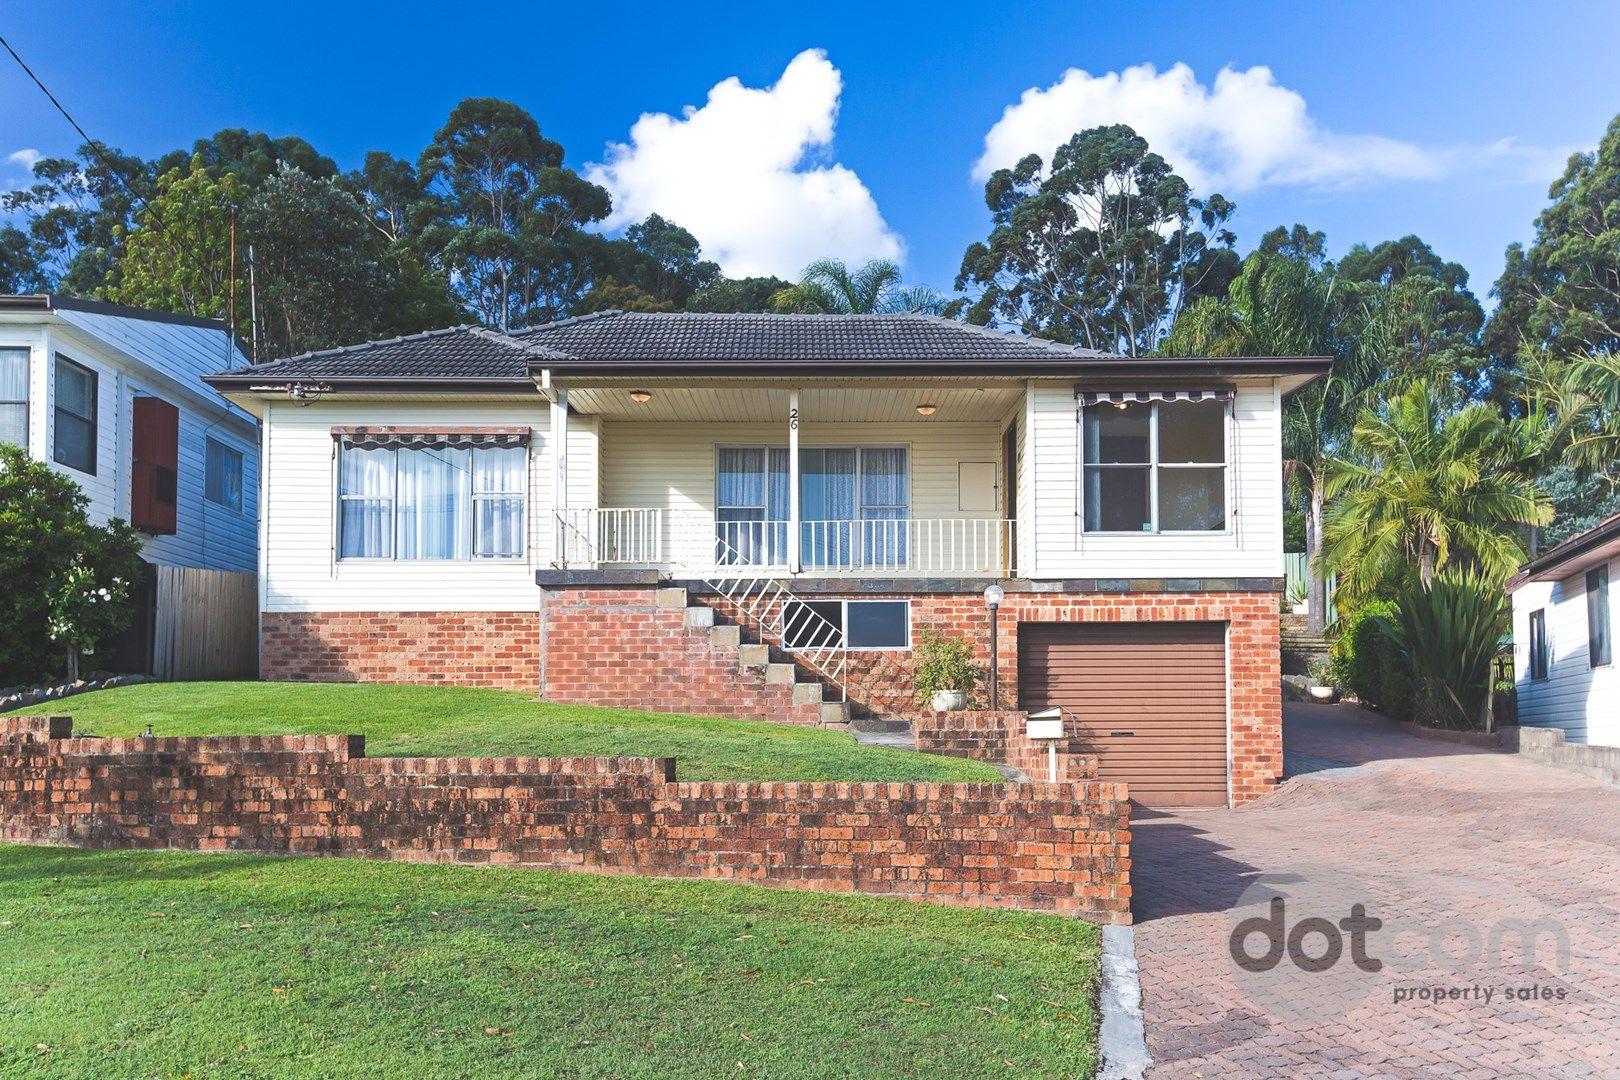 26 Branxton Street, Waratah West NSW 2298, Image 0